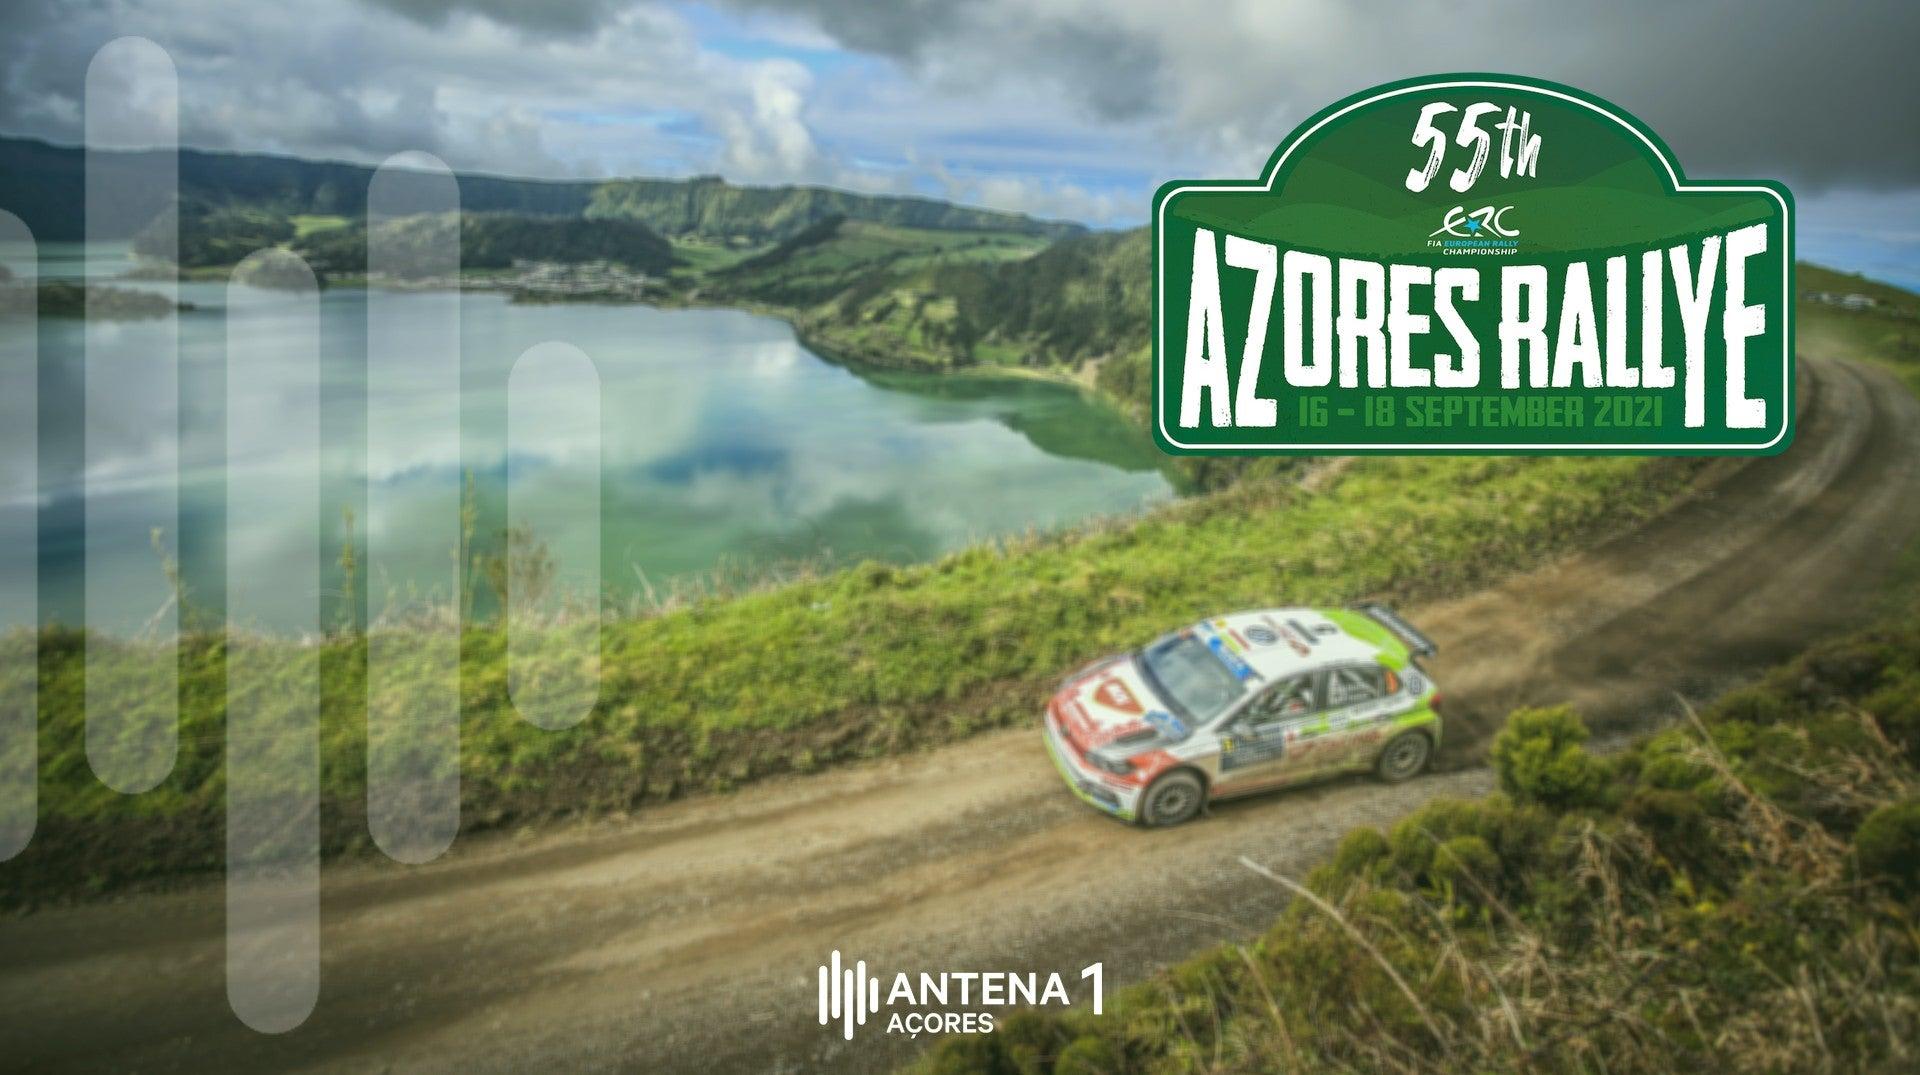 55th Azores Rallye - Emissão Especial